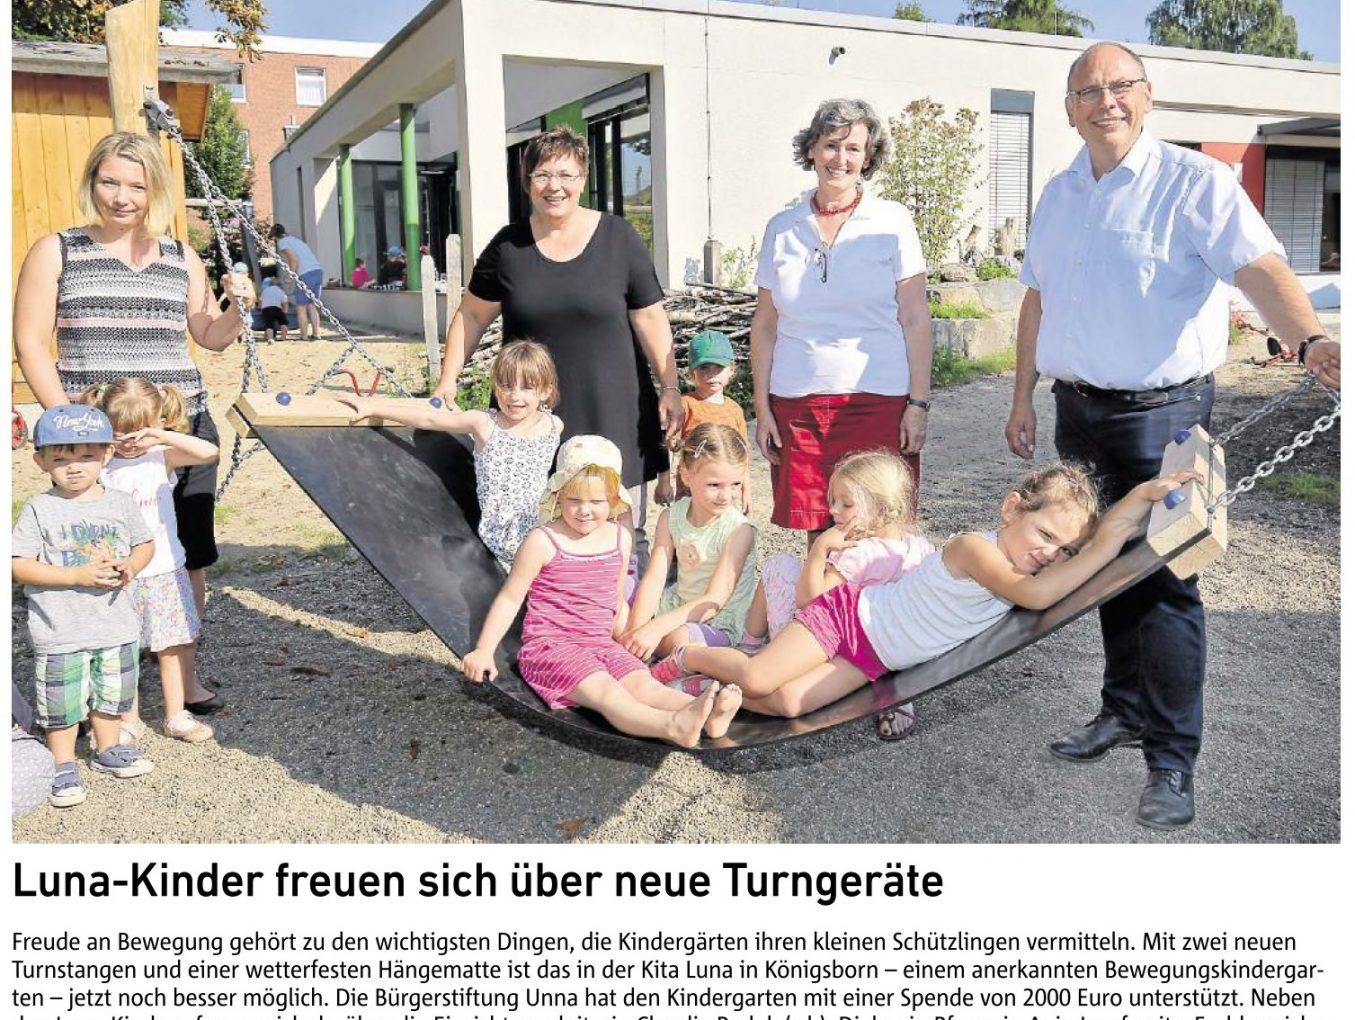 LUNA-Kinder freuen sich über neue Turngeräte